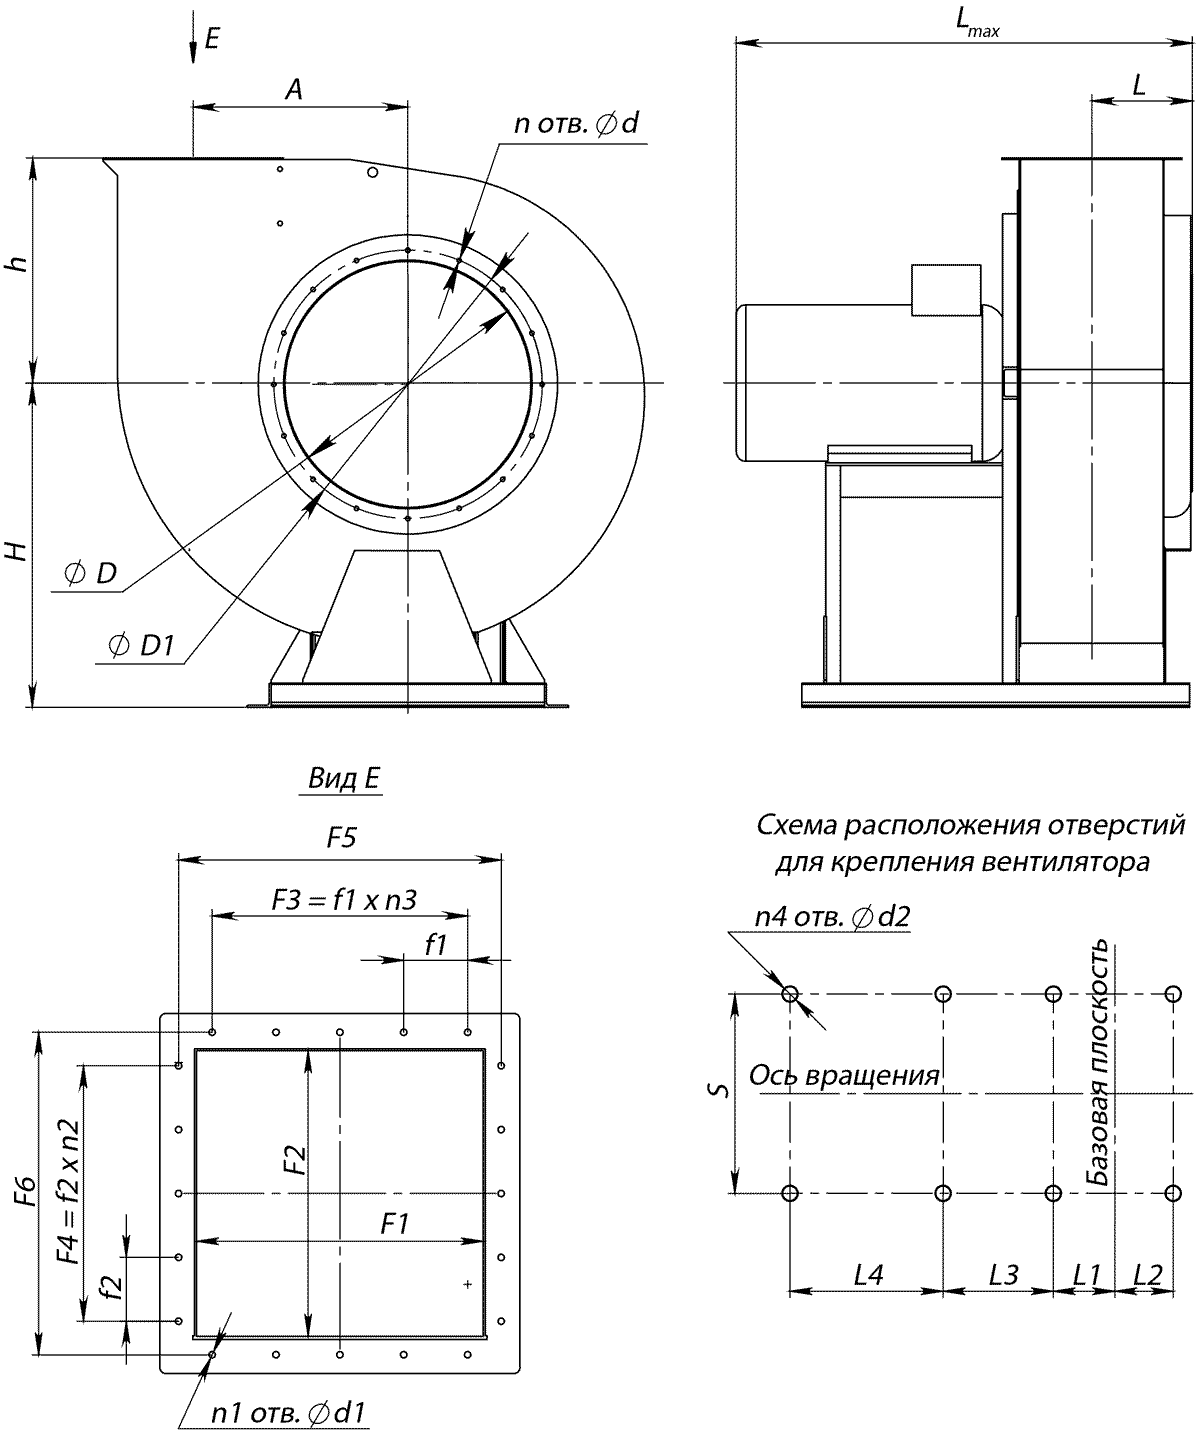 Габаритно-присоединительные размеры вентилятора ВР 80-75-5 исполнение 1